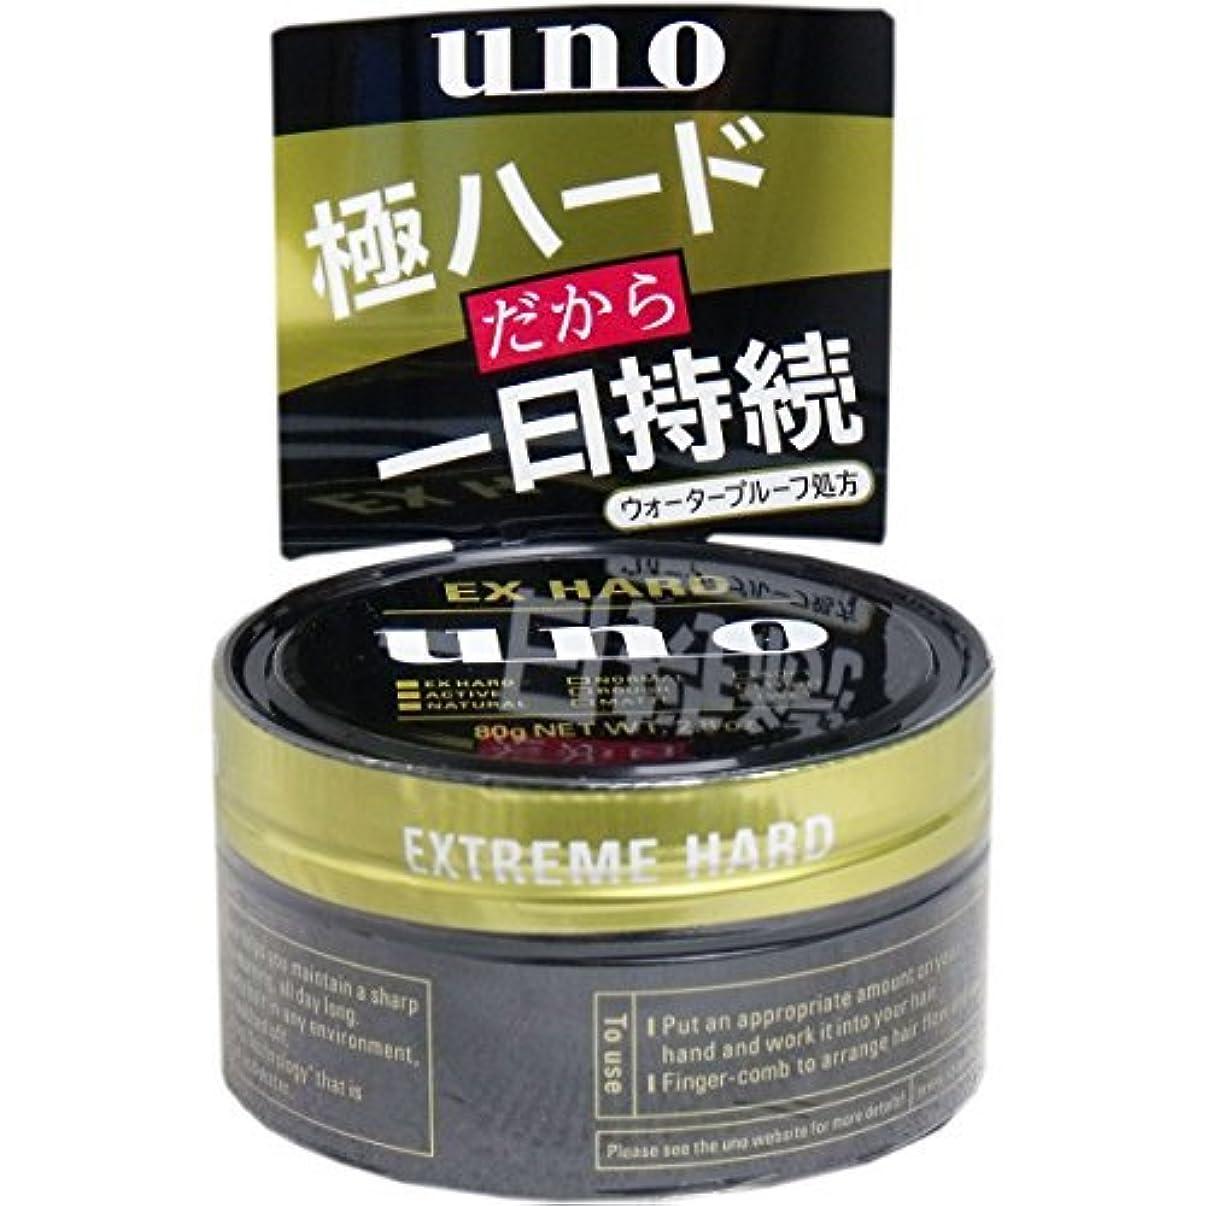 永久に溶けた市の花UNO(ウーノ) エクストリームハード 整髪料 80g